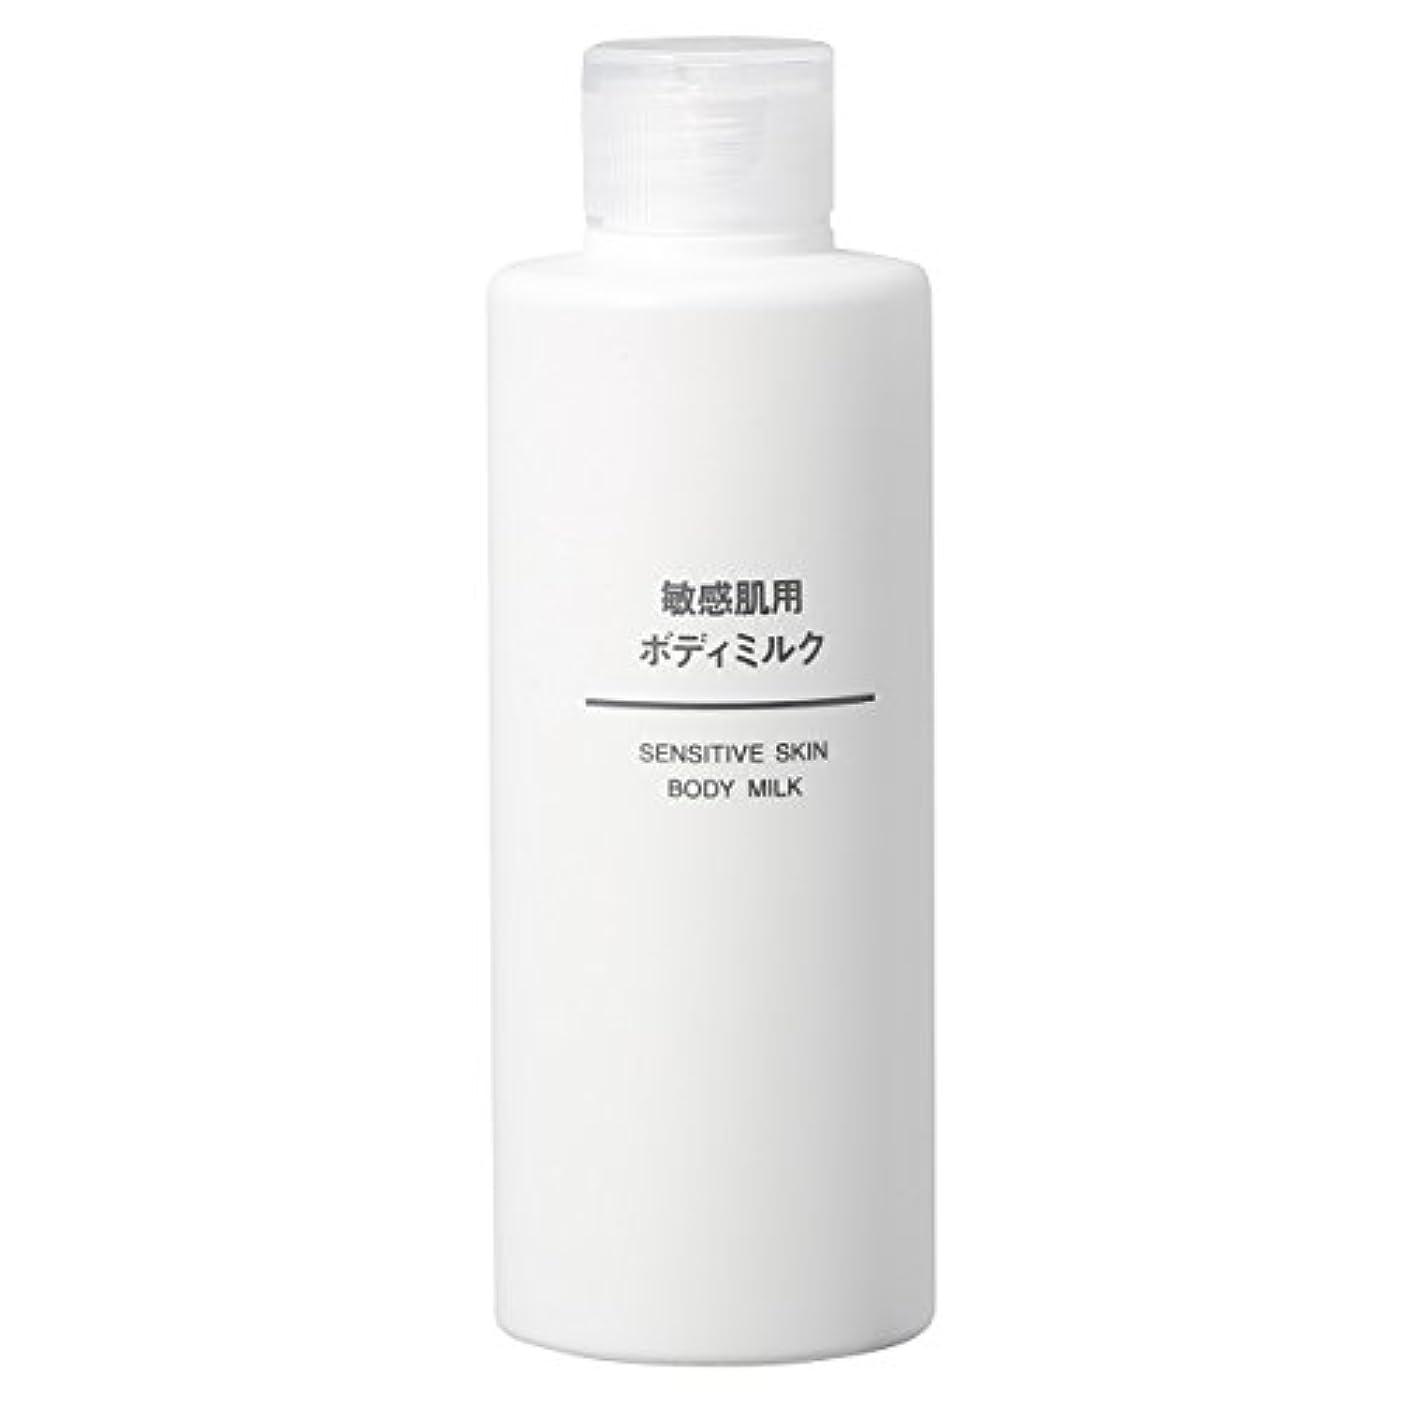 認めるバルブ海藻無印良品 敏感肌用 ボディミルク 200ml 日本製